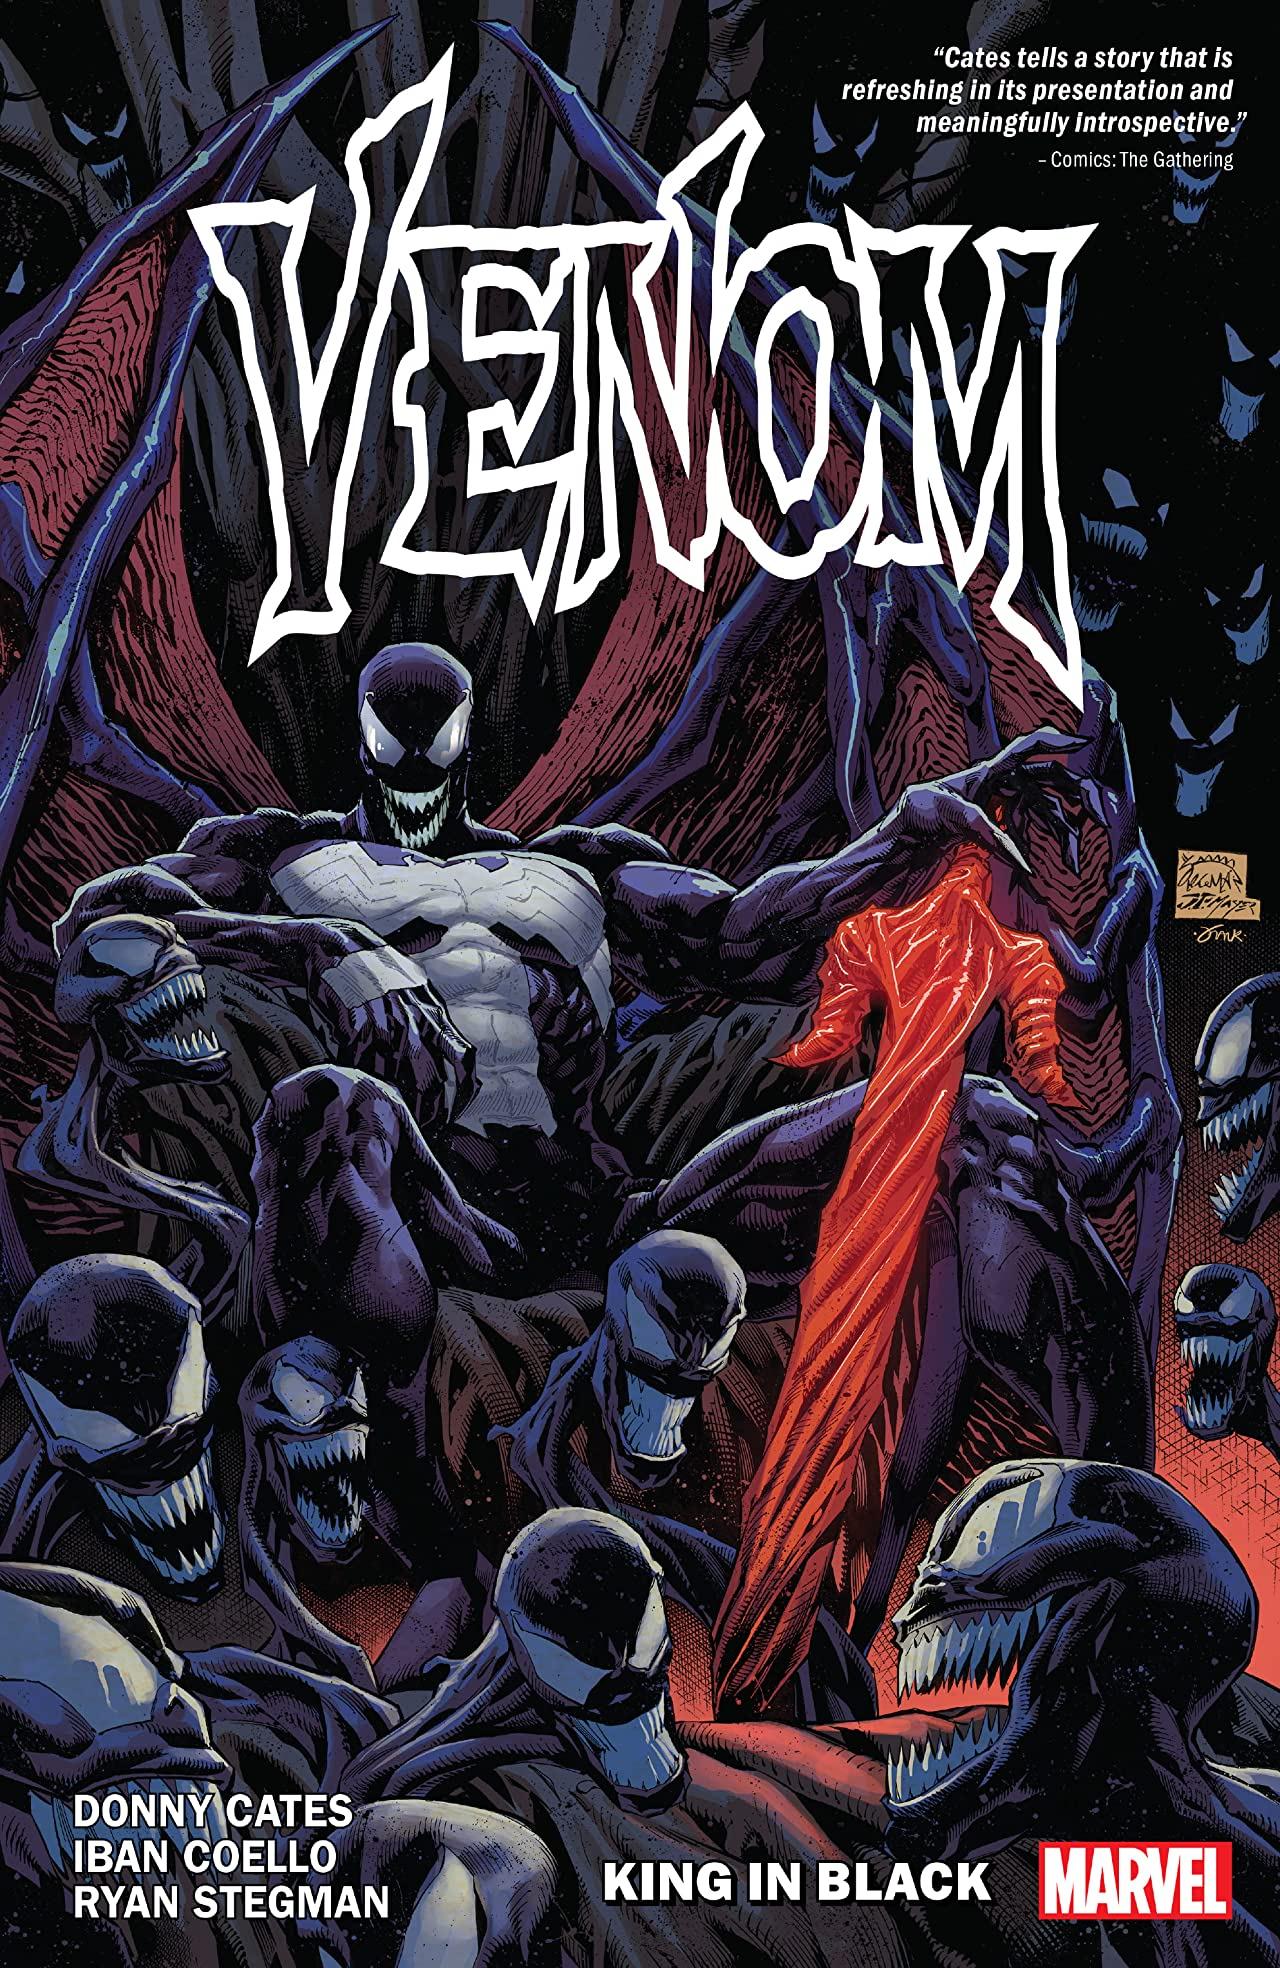 Venom By Donny Cates Vol. 6: King In Black (Trade Paperback)